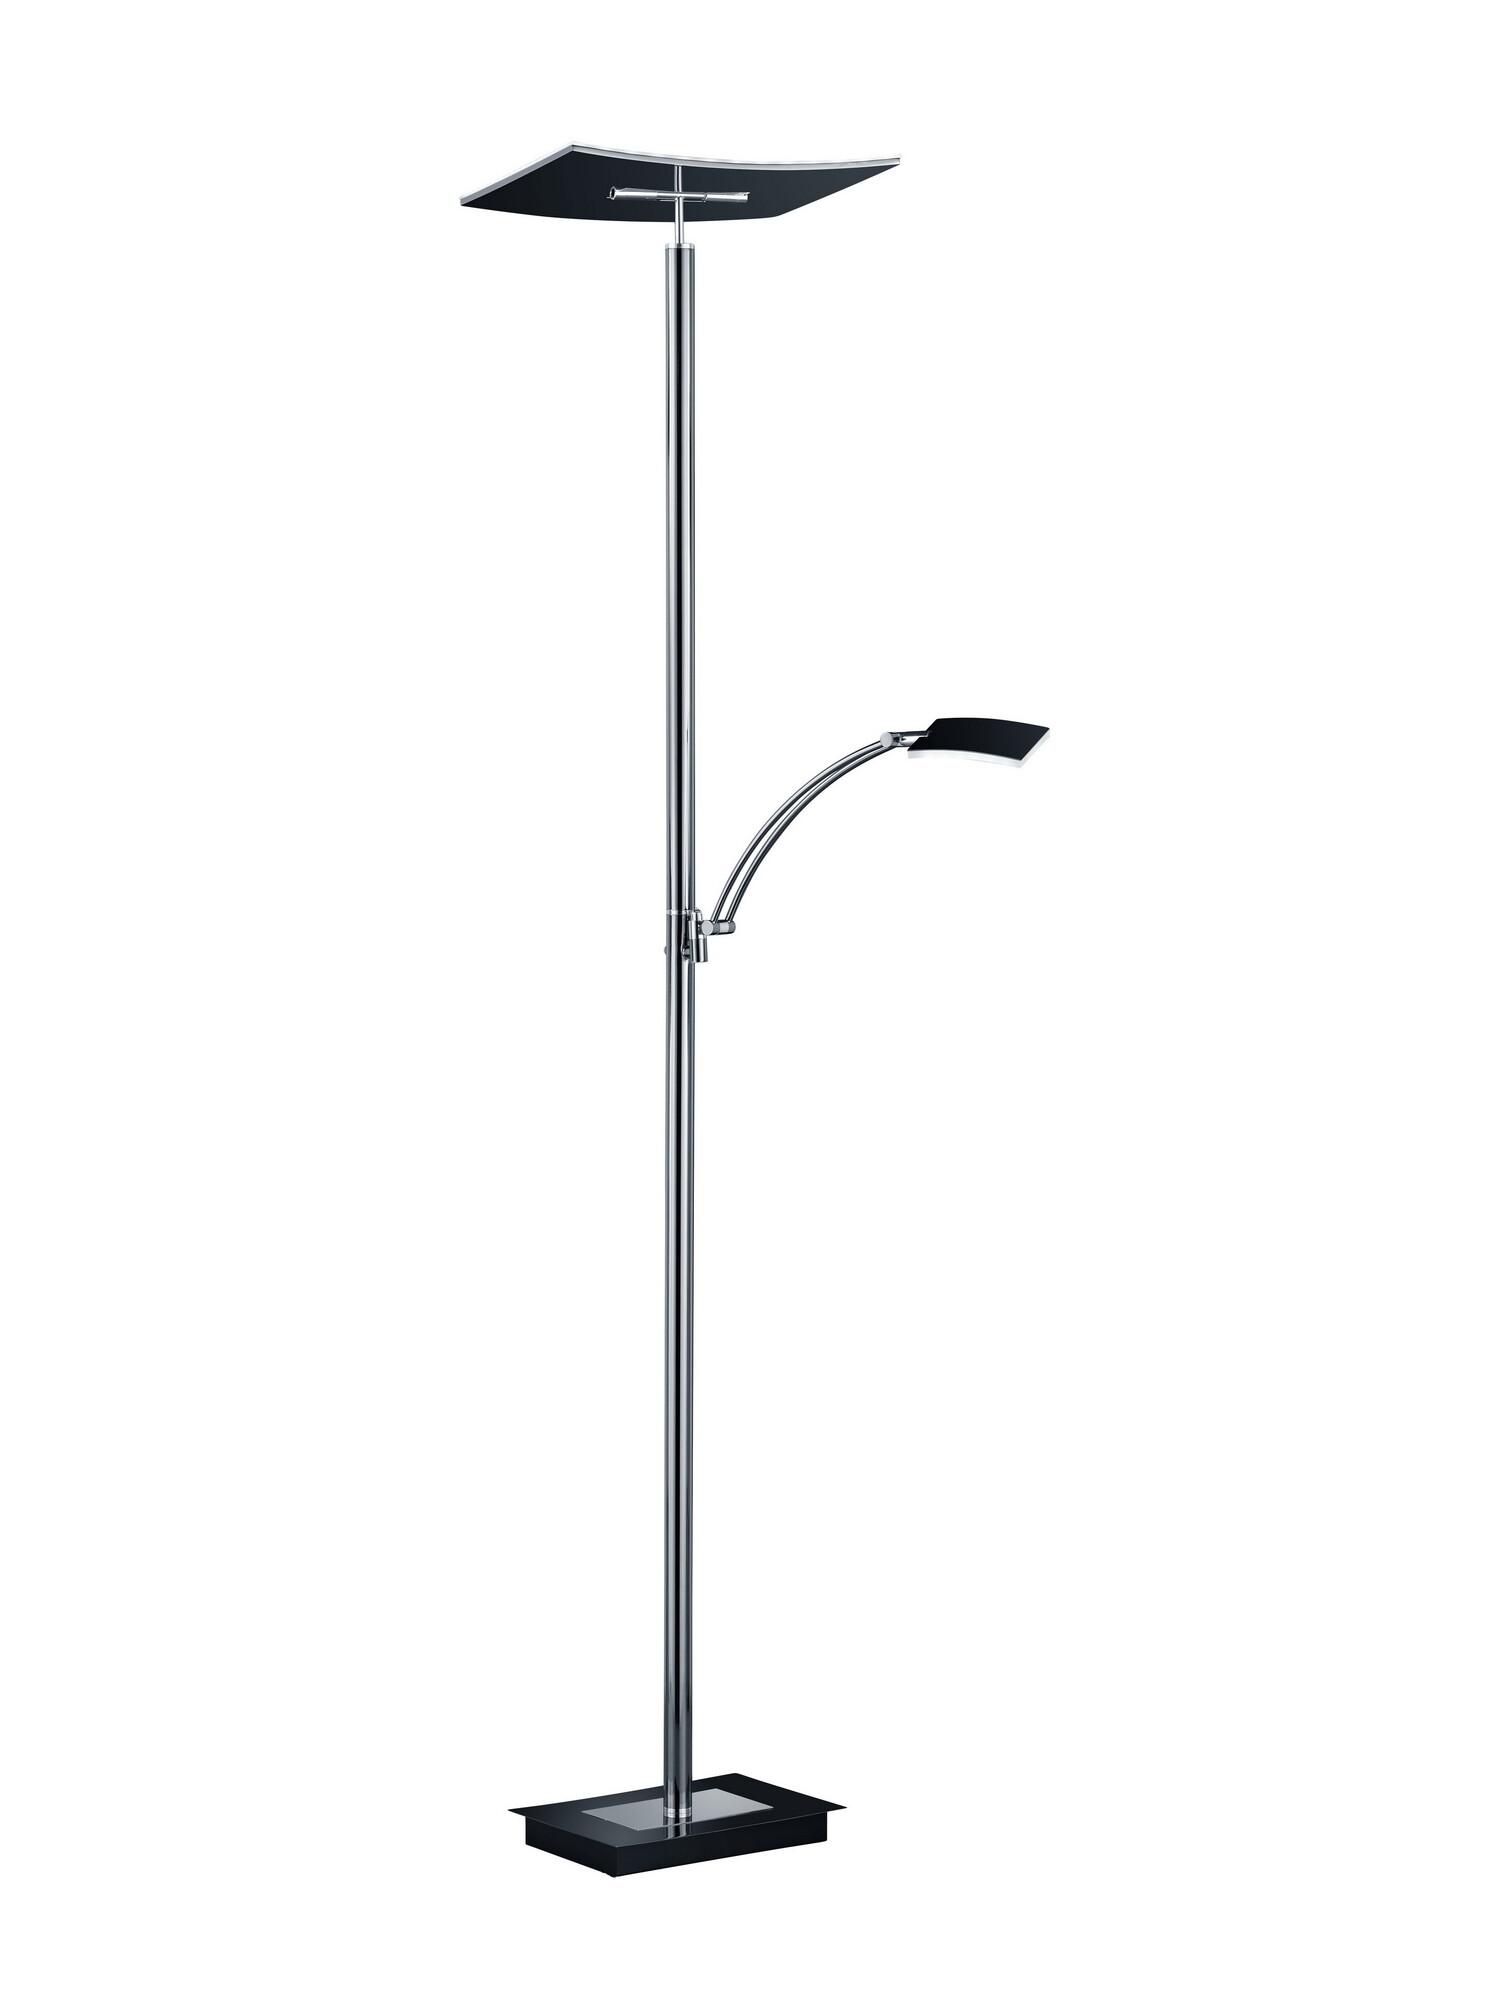 MODENA Lampadaire LED 2x36W/3500lm Noir